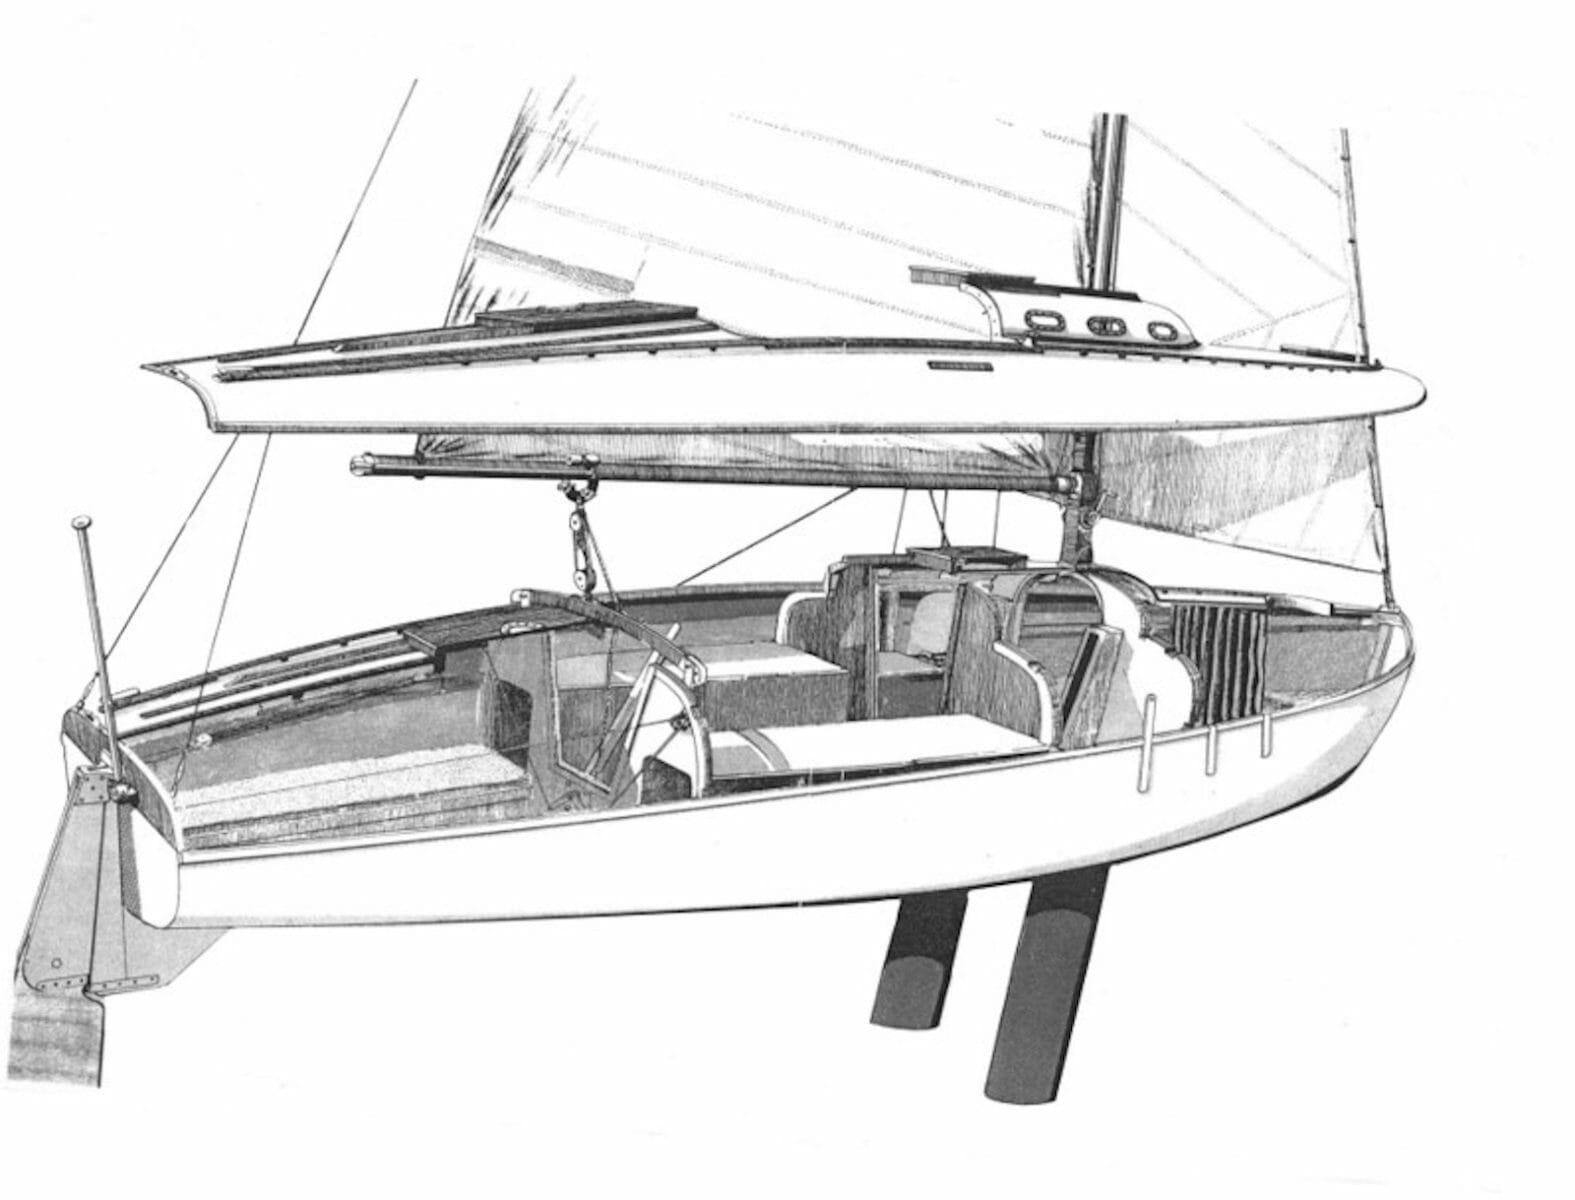 1965 Atalanta cutaway graphic